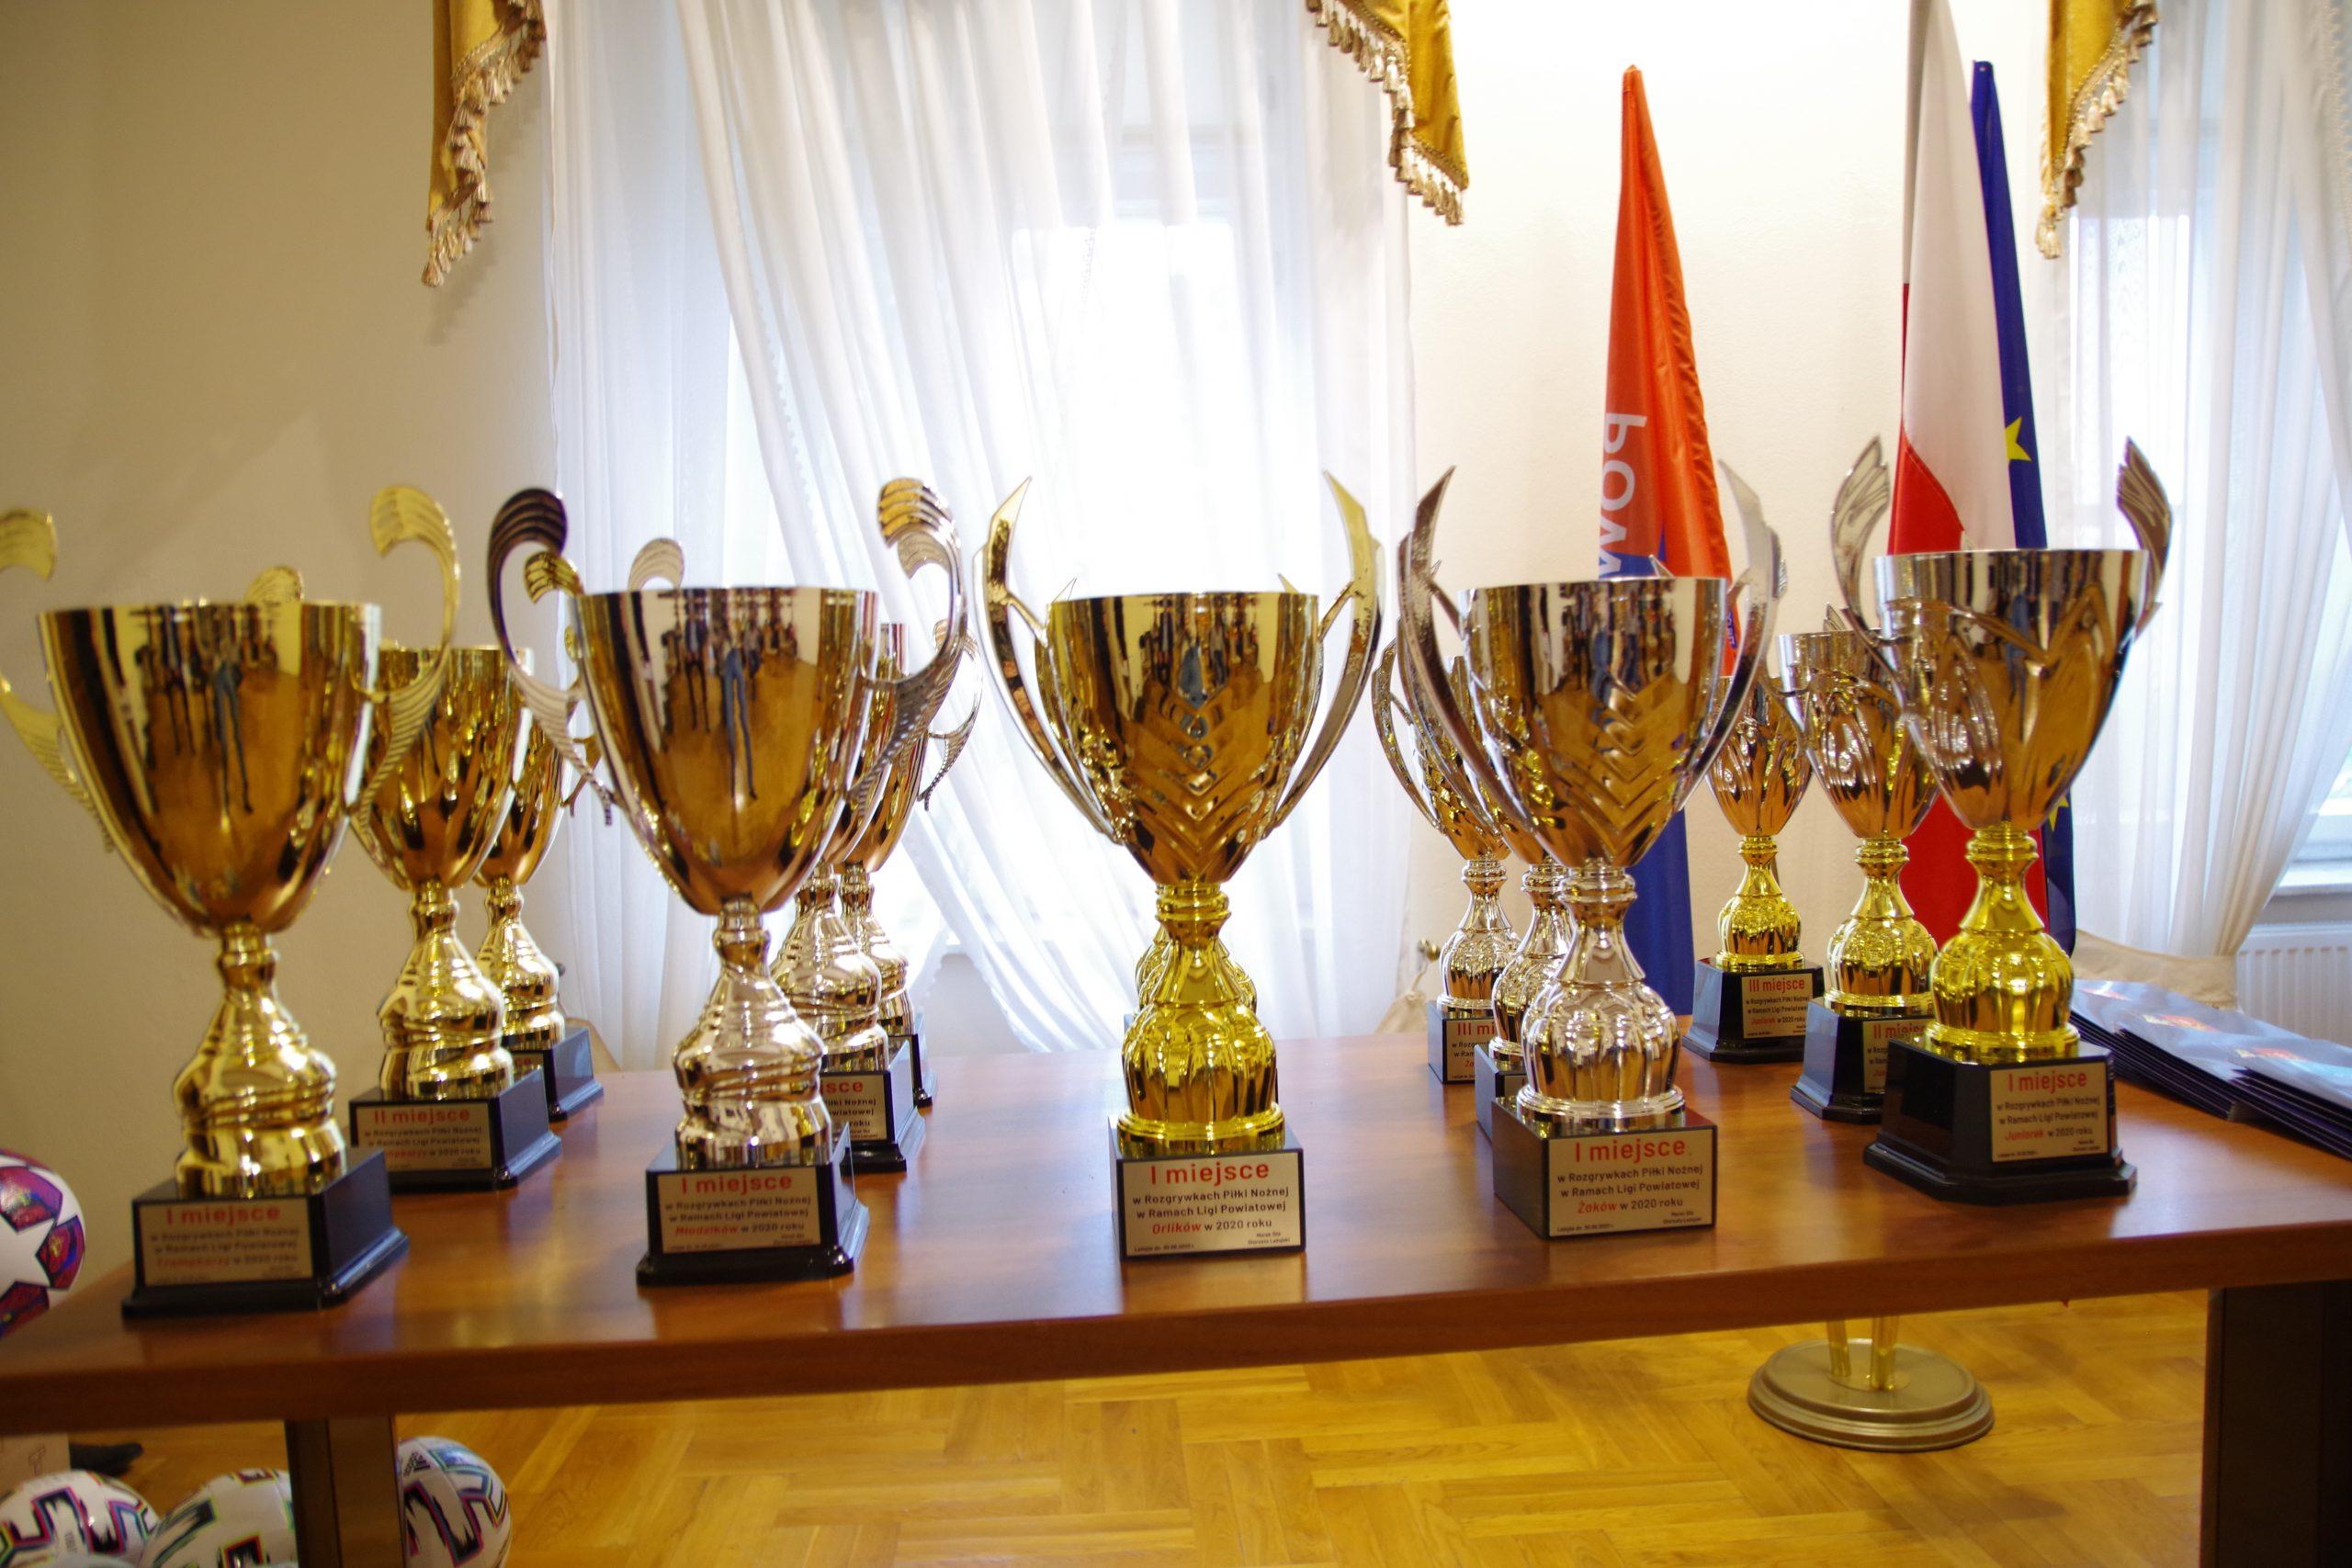 Zdjęcie przedstawia puchary wręczane podczas uroczystości jubileuszowej z okazji 20-lecia rozgrywek w piłce nożnej w ramach Ligi Powiatowej